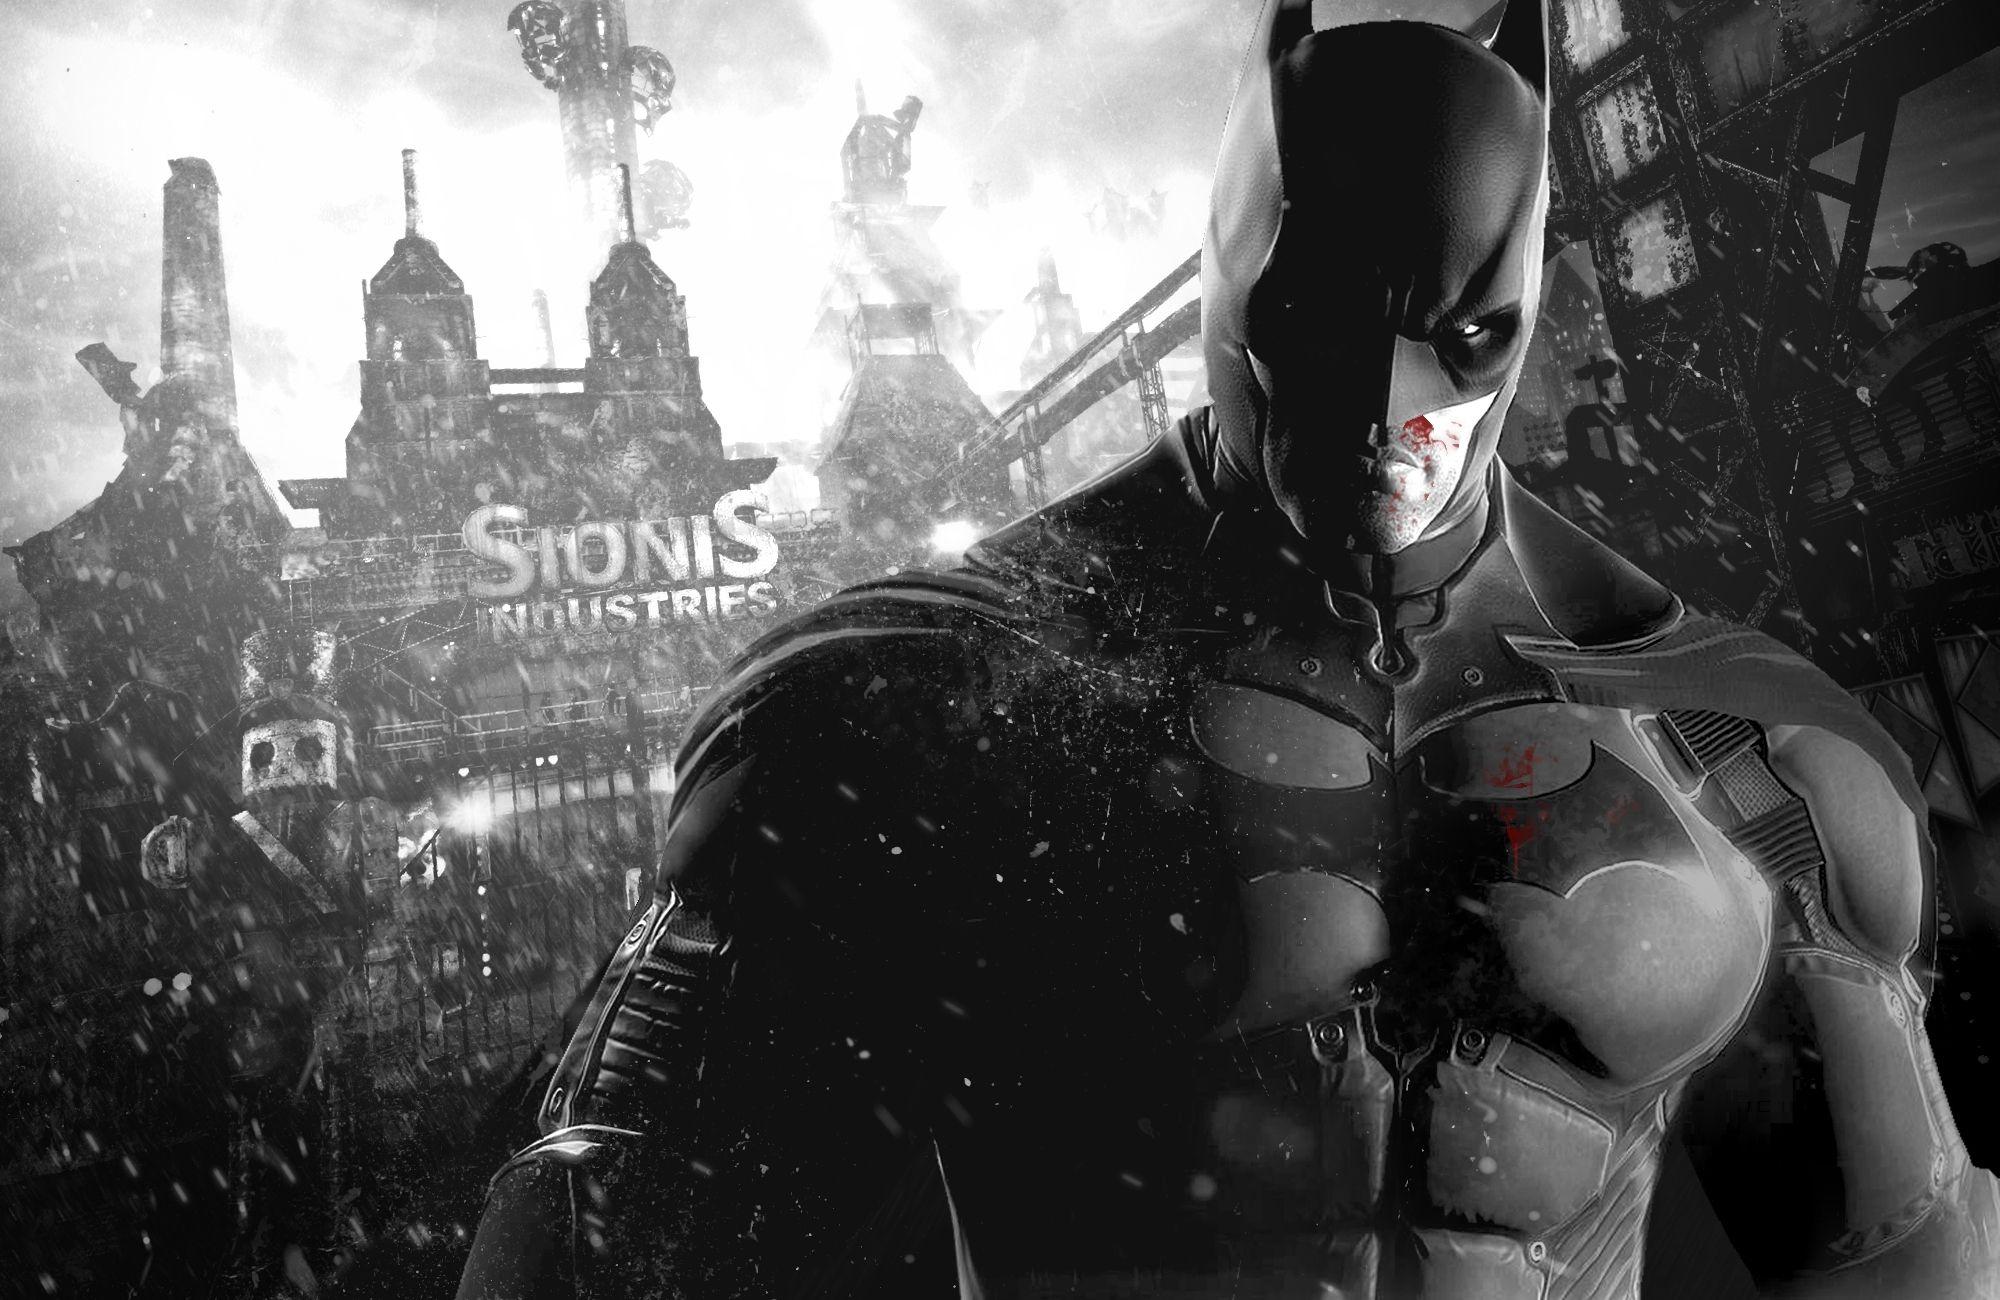 Batman Wallpapers Hd Download Batman Wallpaper Batman Arkham Origins Batman Arkham